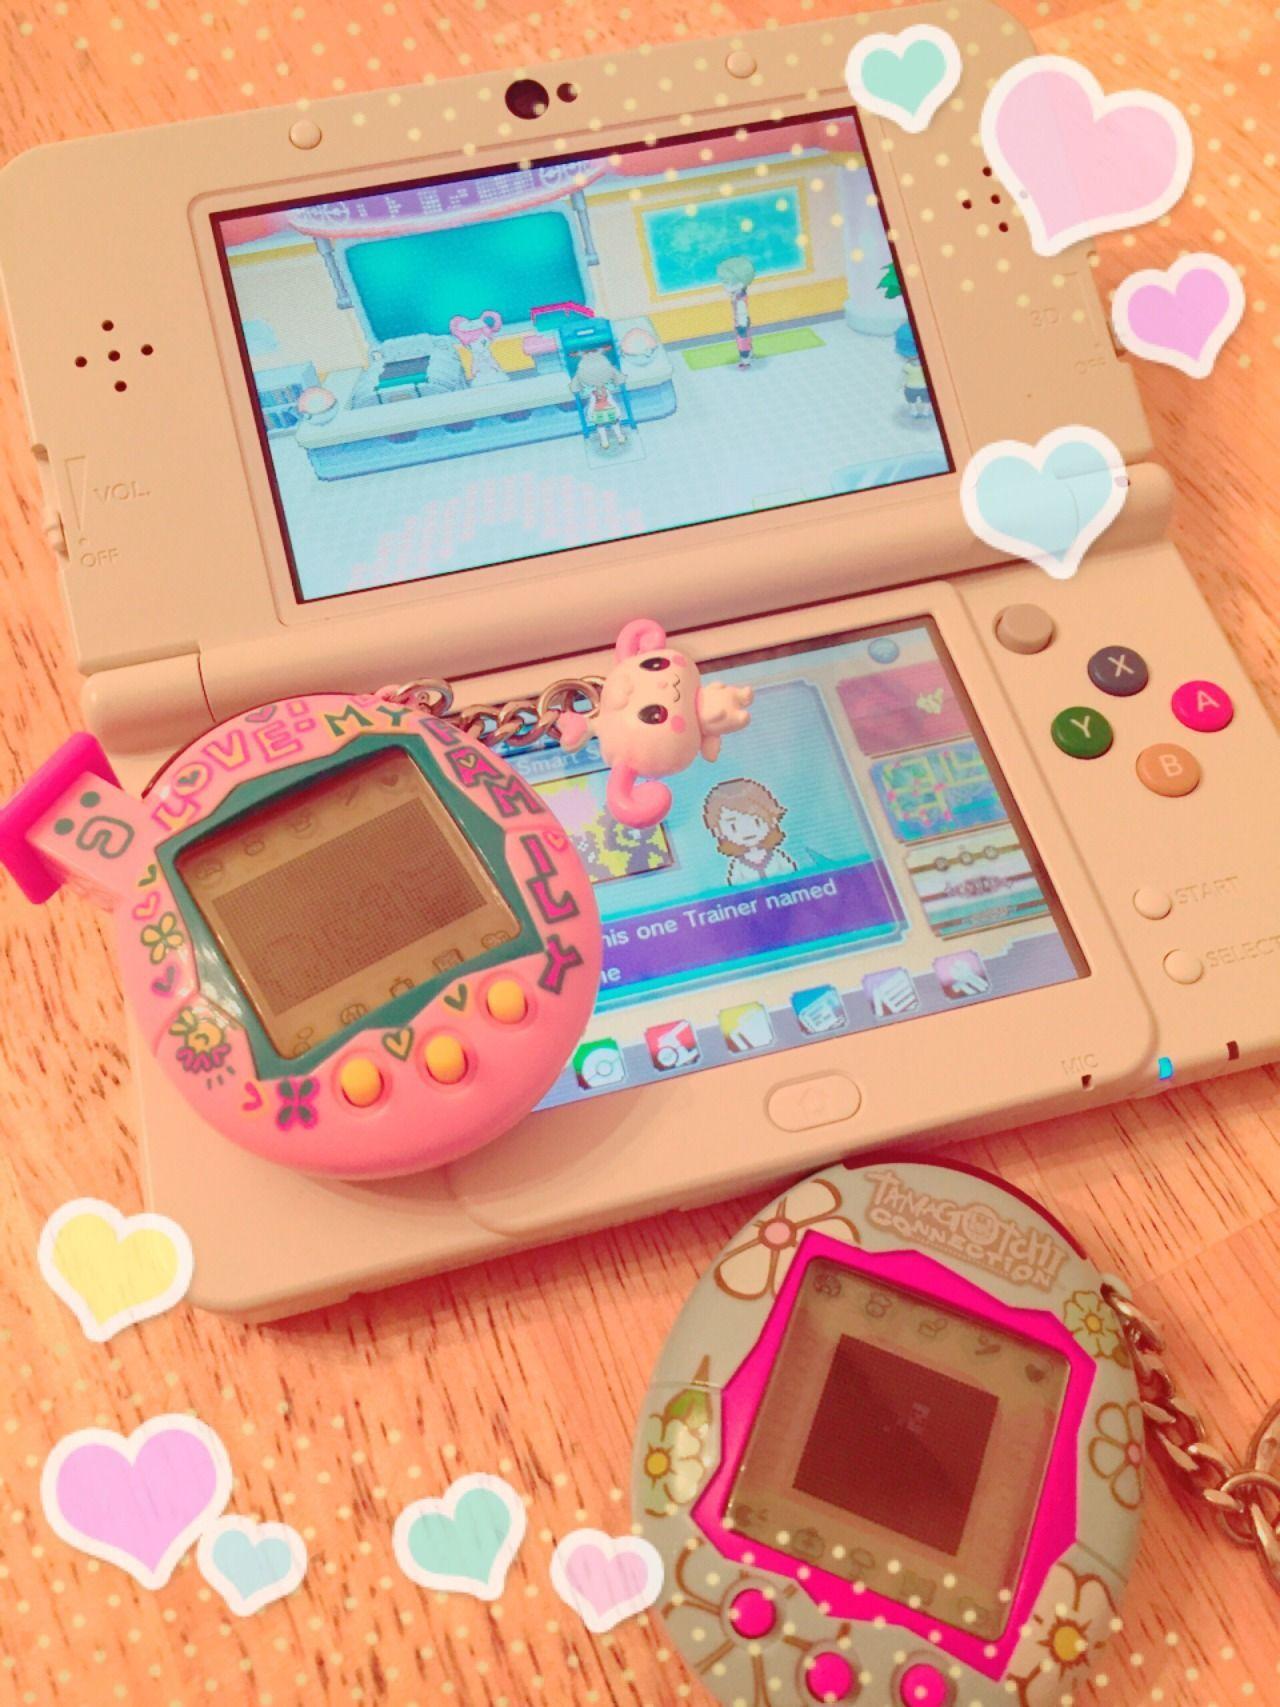 アレックスのたまごっちワールド Photo Kawaii games, Girly games